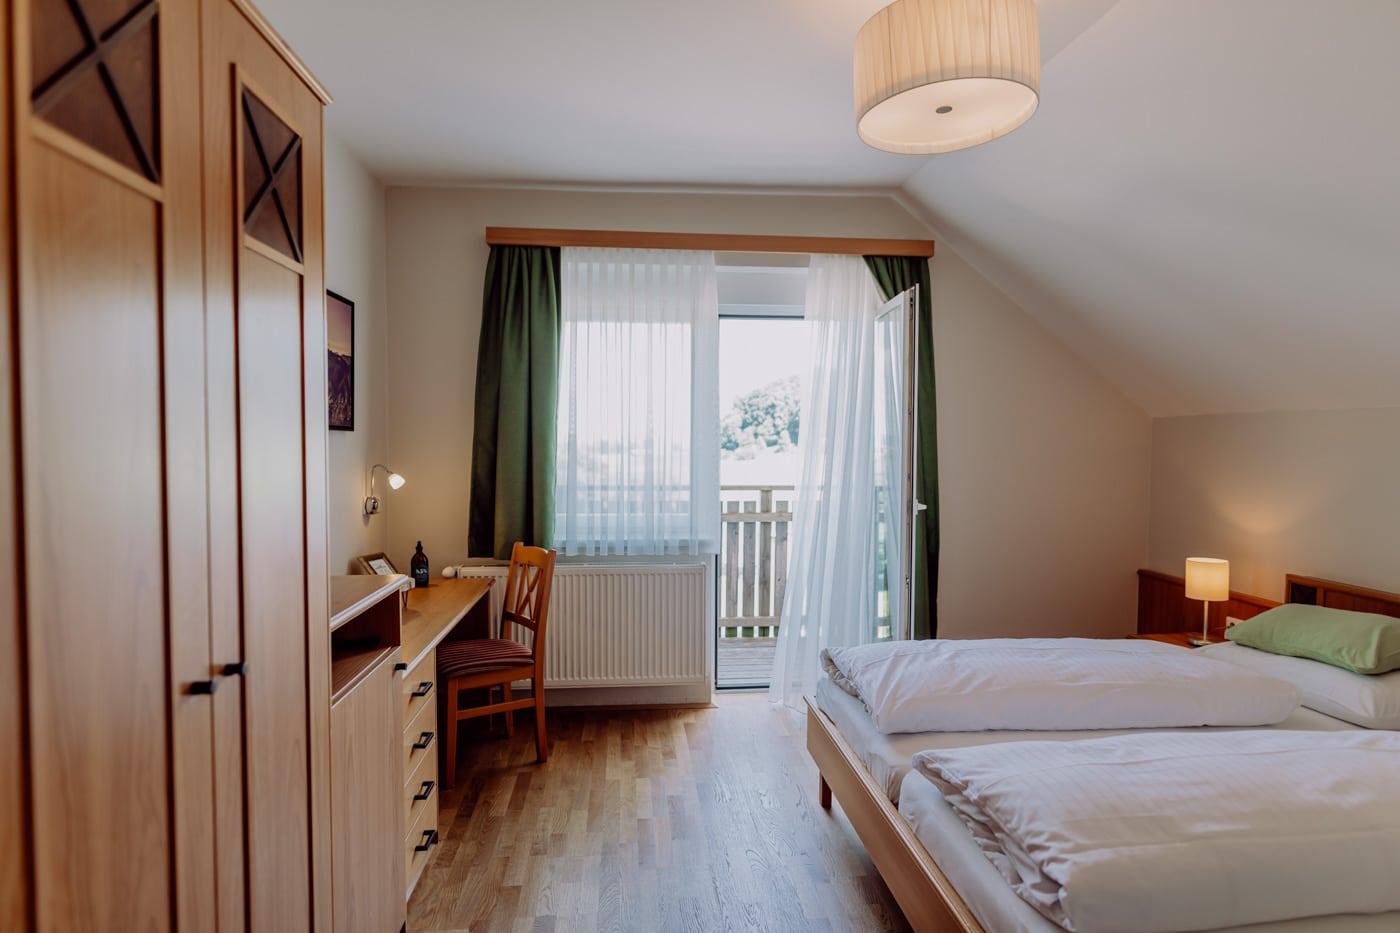 Doppelzimmer mit Balkon - STammhaus